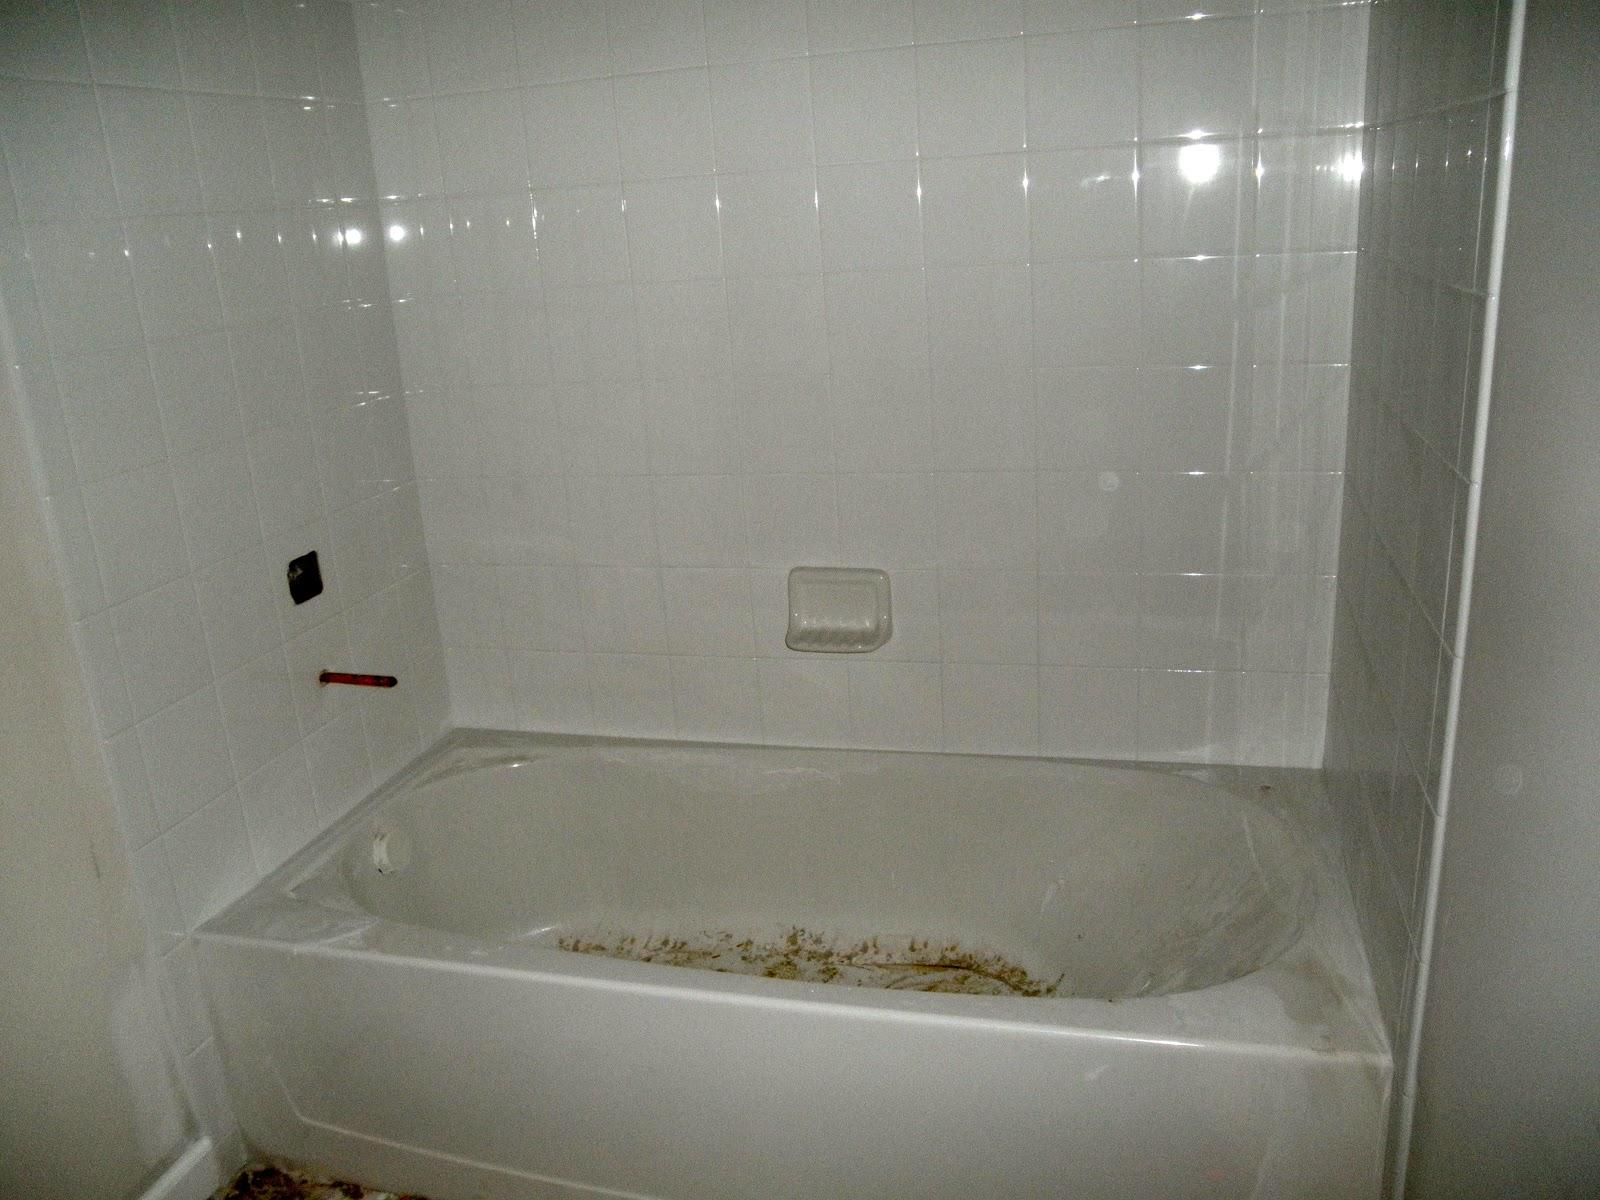 Inspiring bathroom design 6 x 6 pictures simple design for Bathroom design 4 x 6